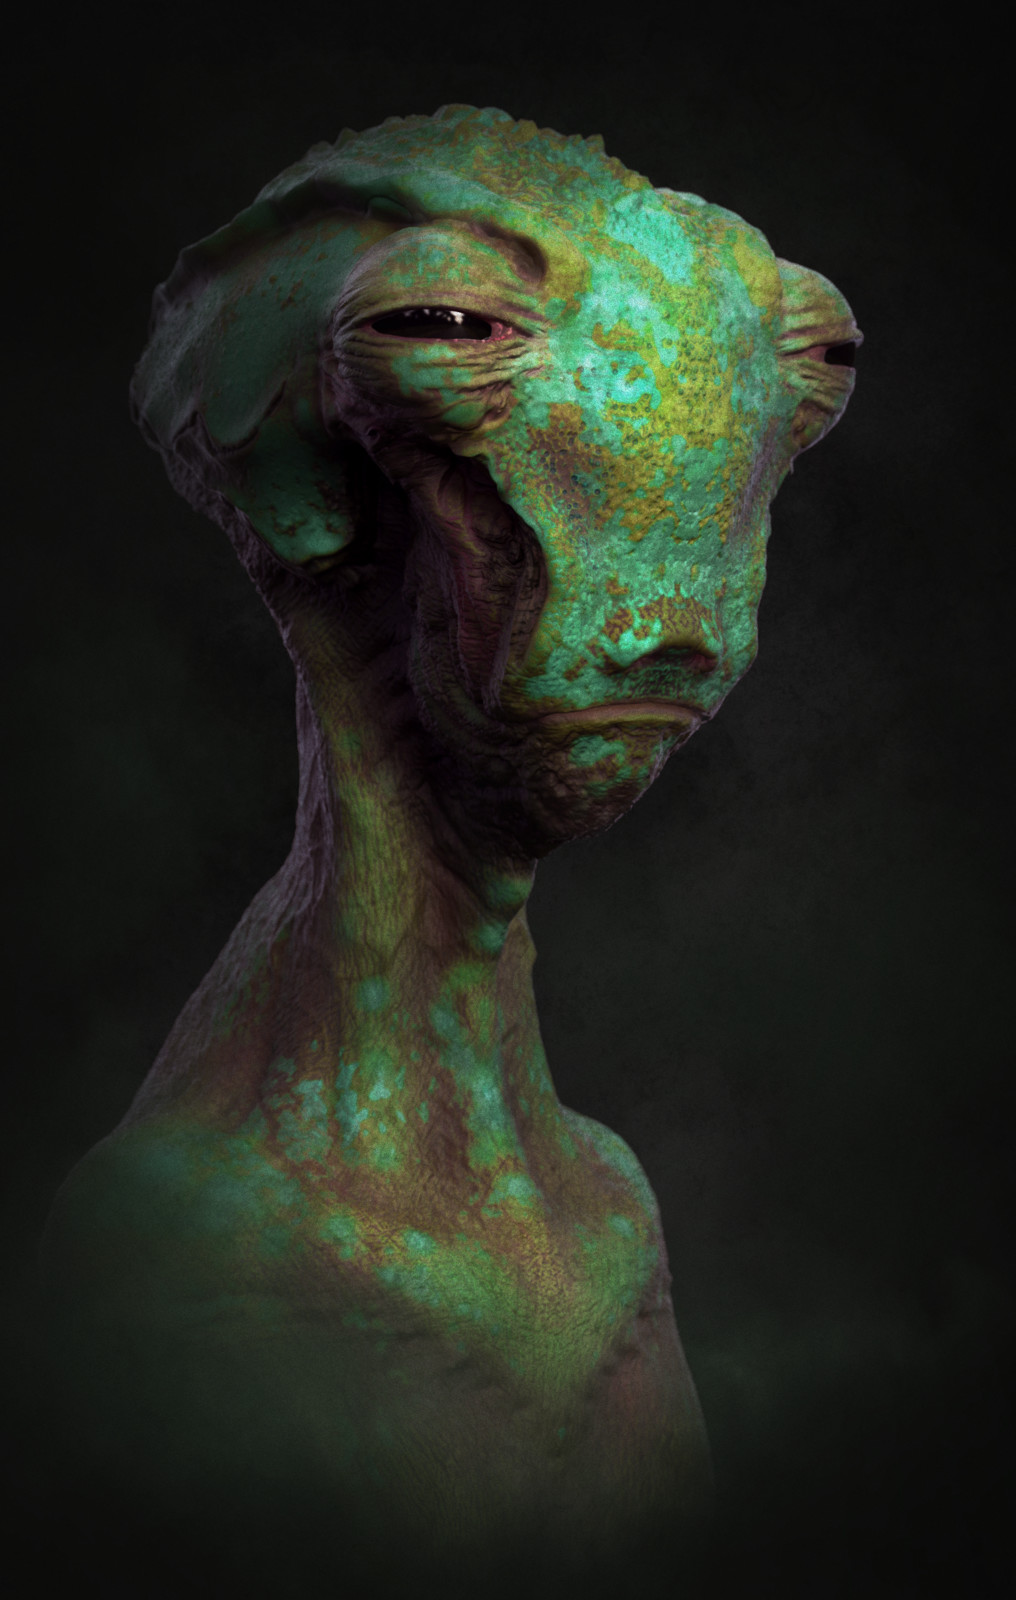 Alien bust 3